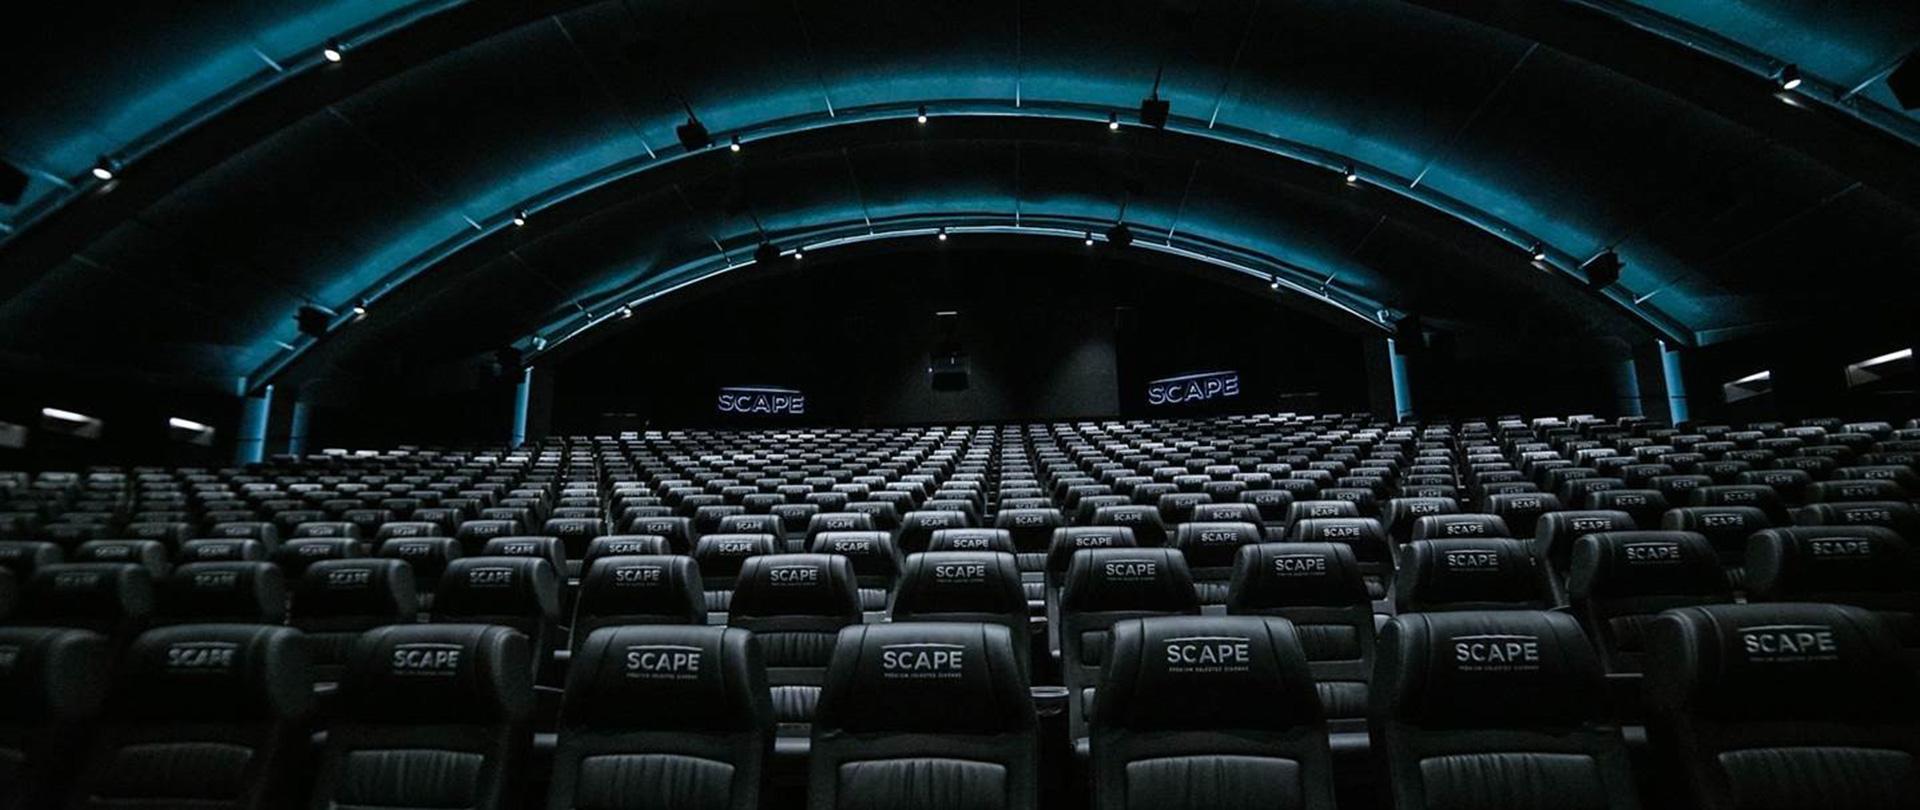 latvia escort kinopalatsi helsinki elokuvat